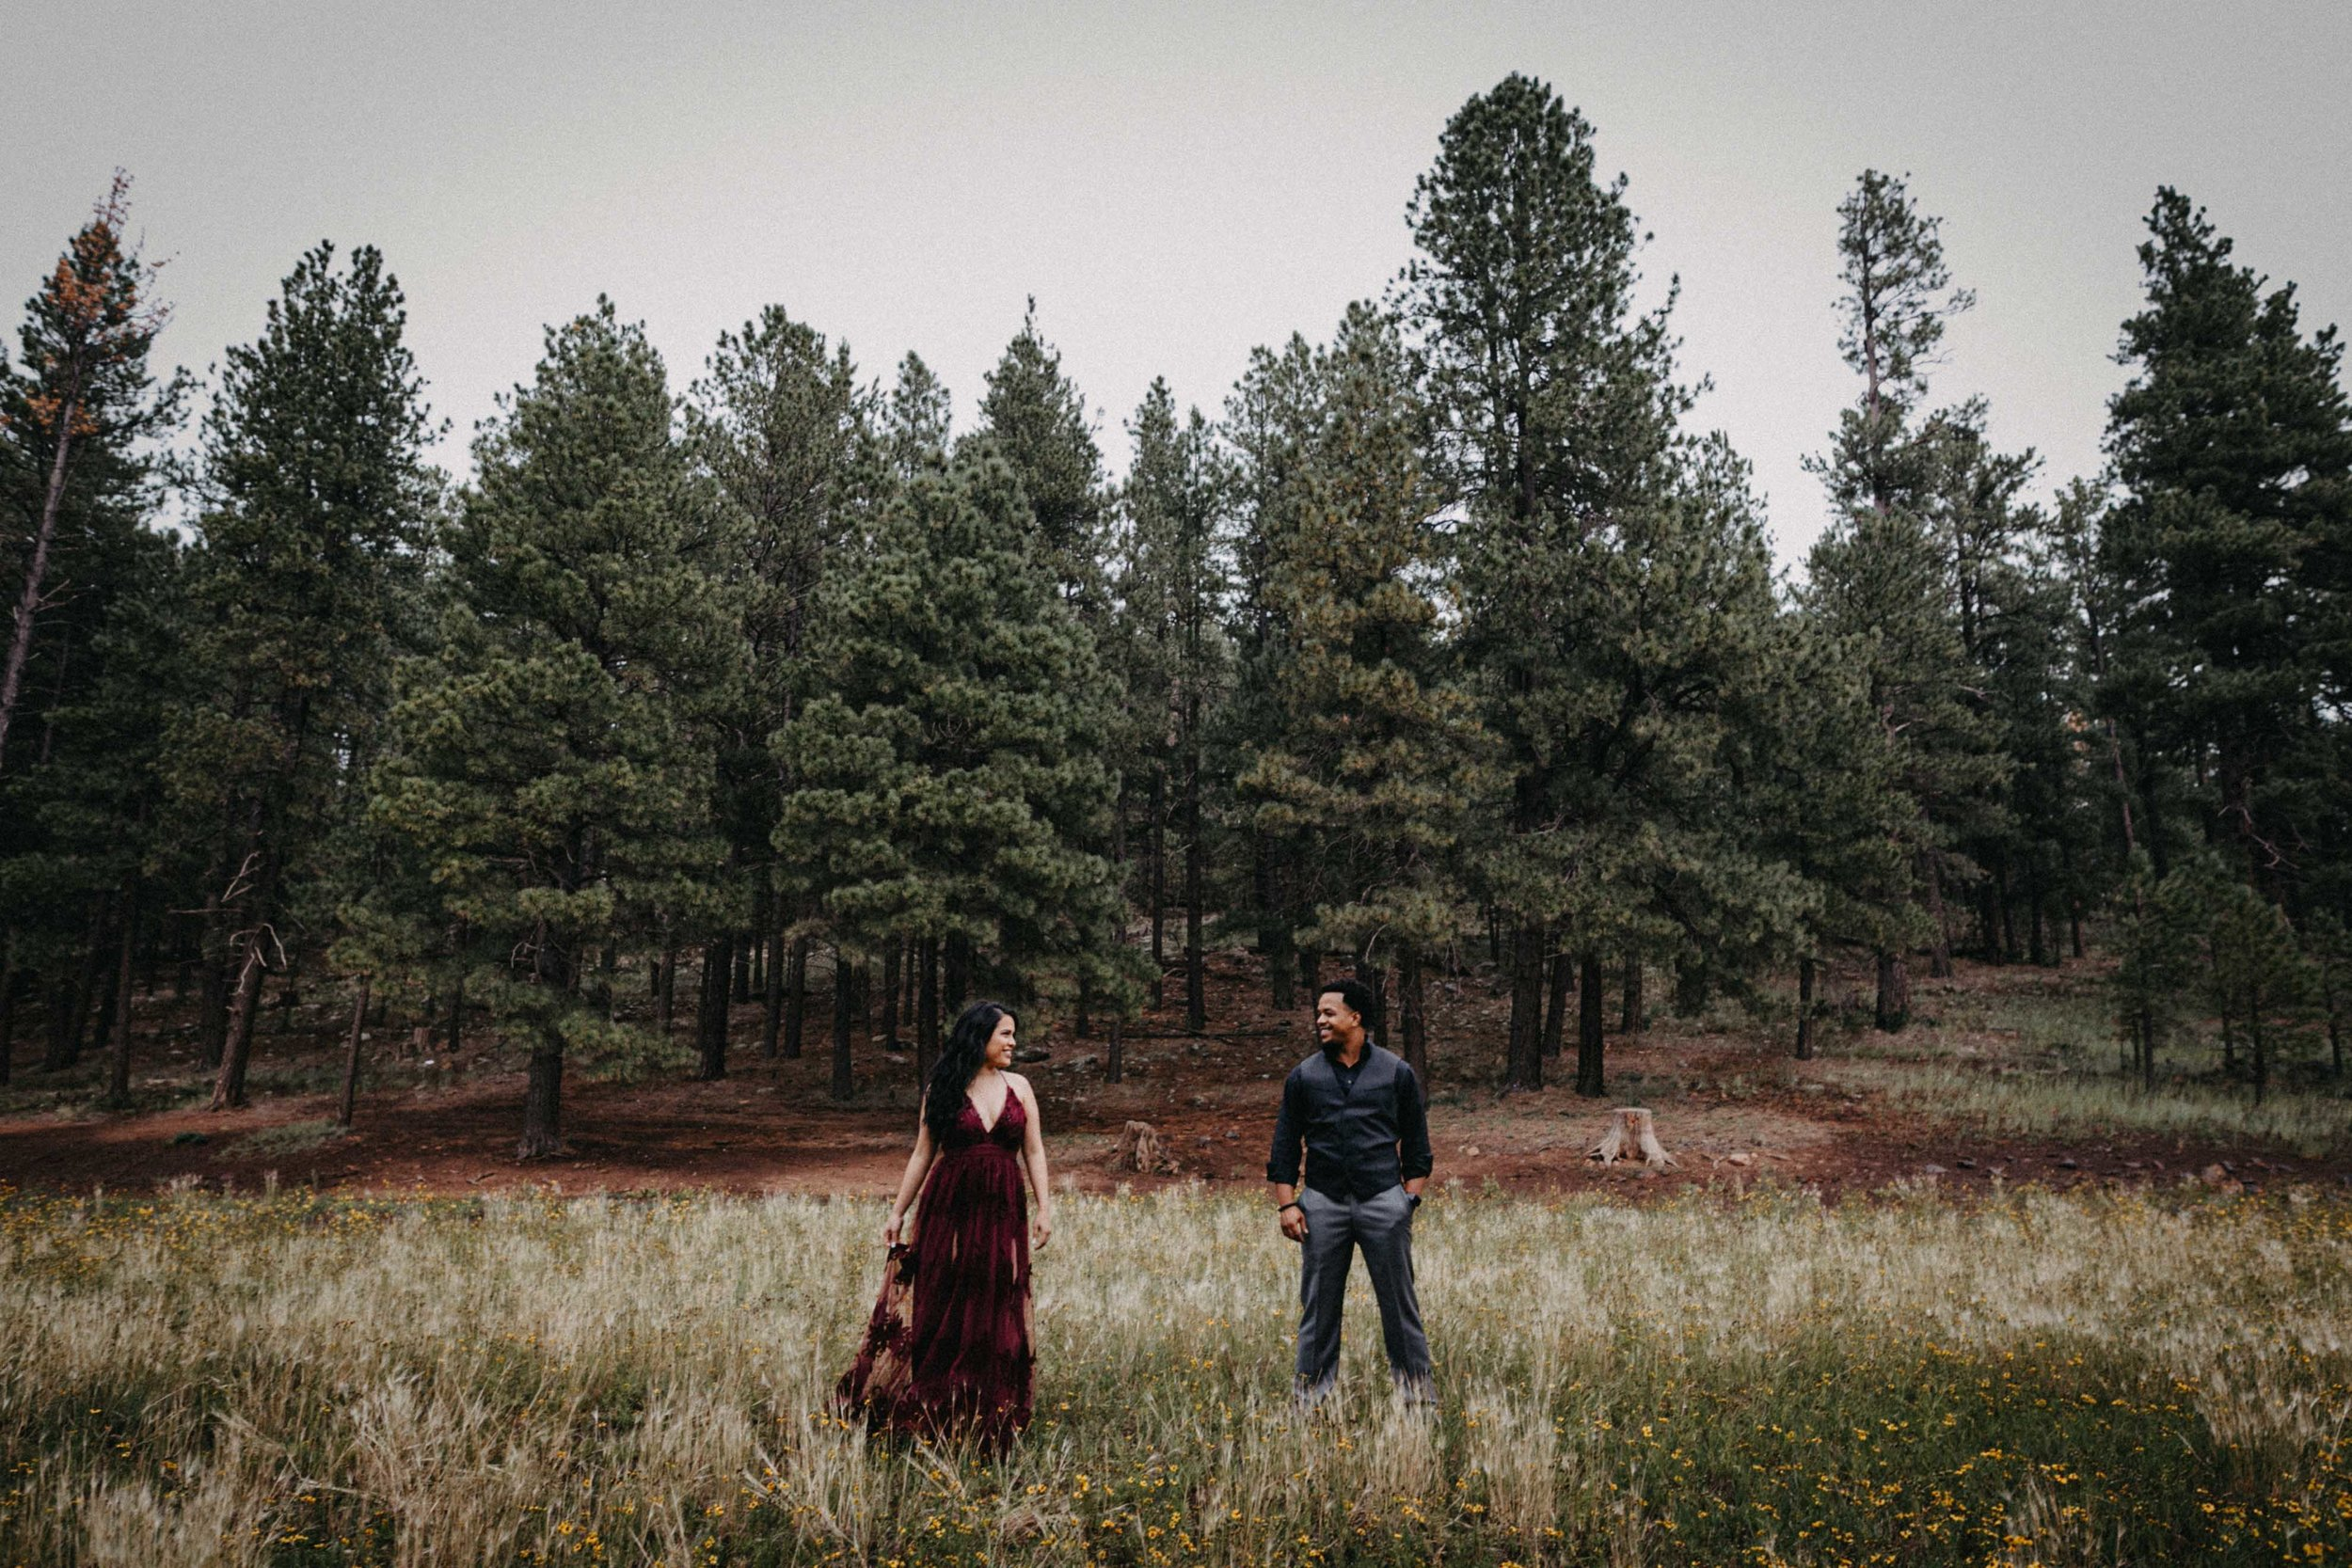 Engagement-10-2.jpg